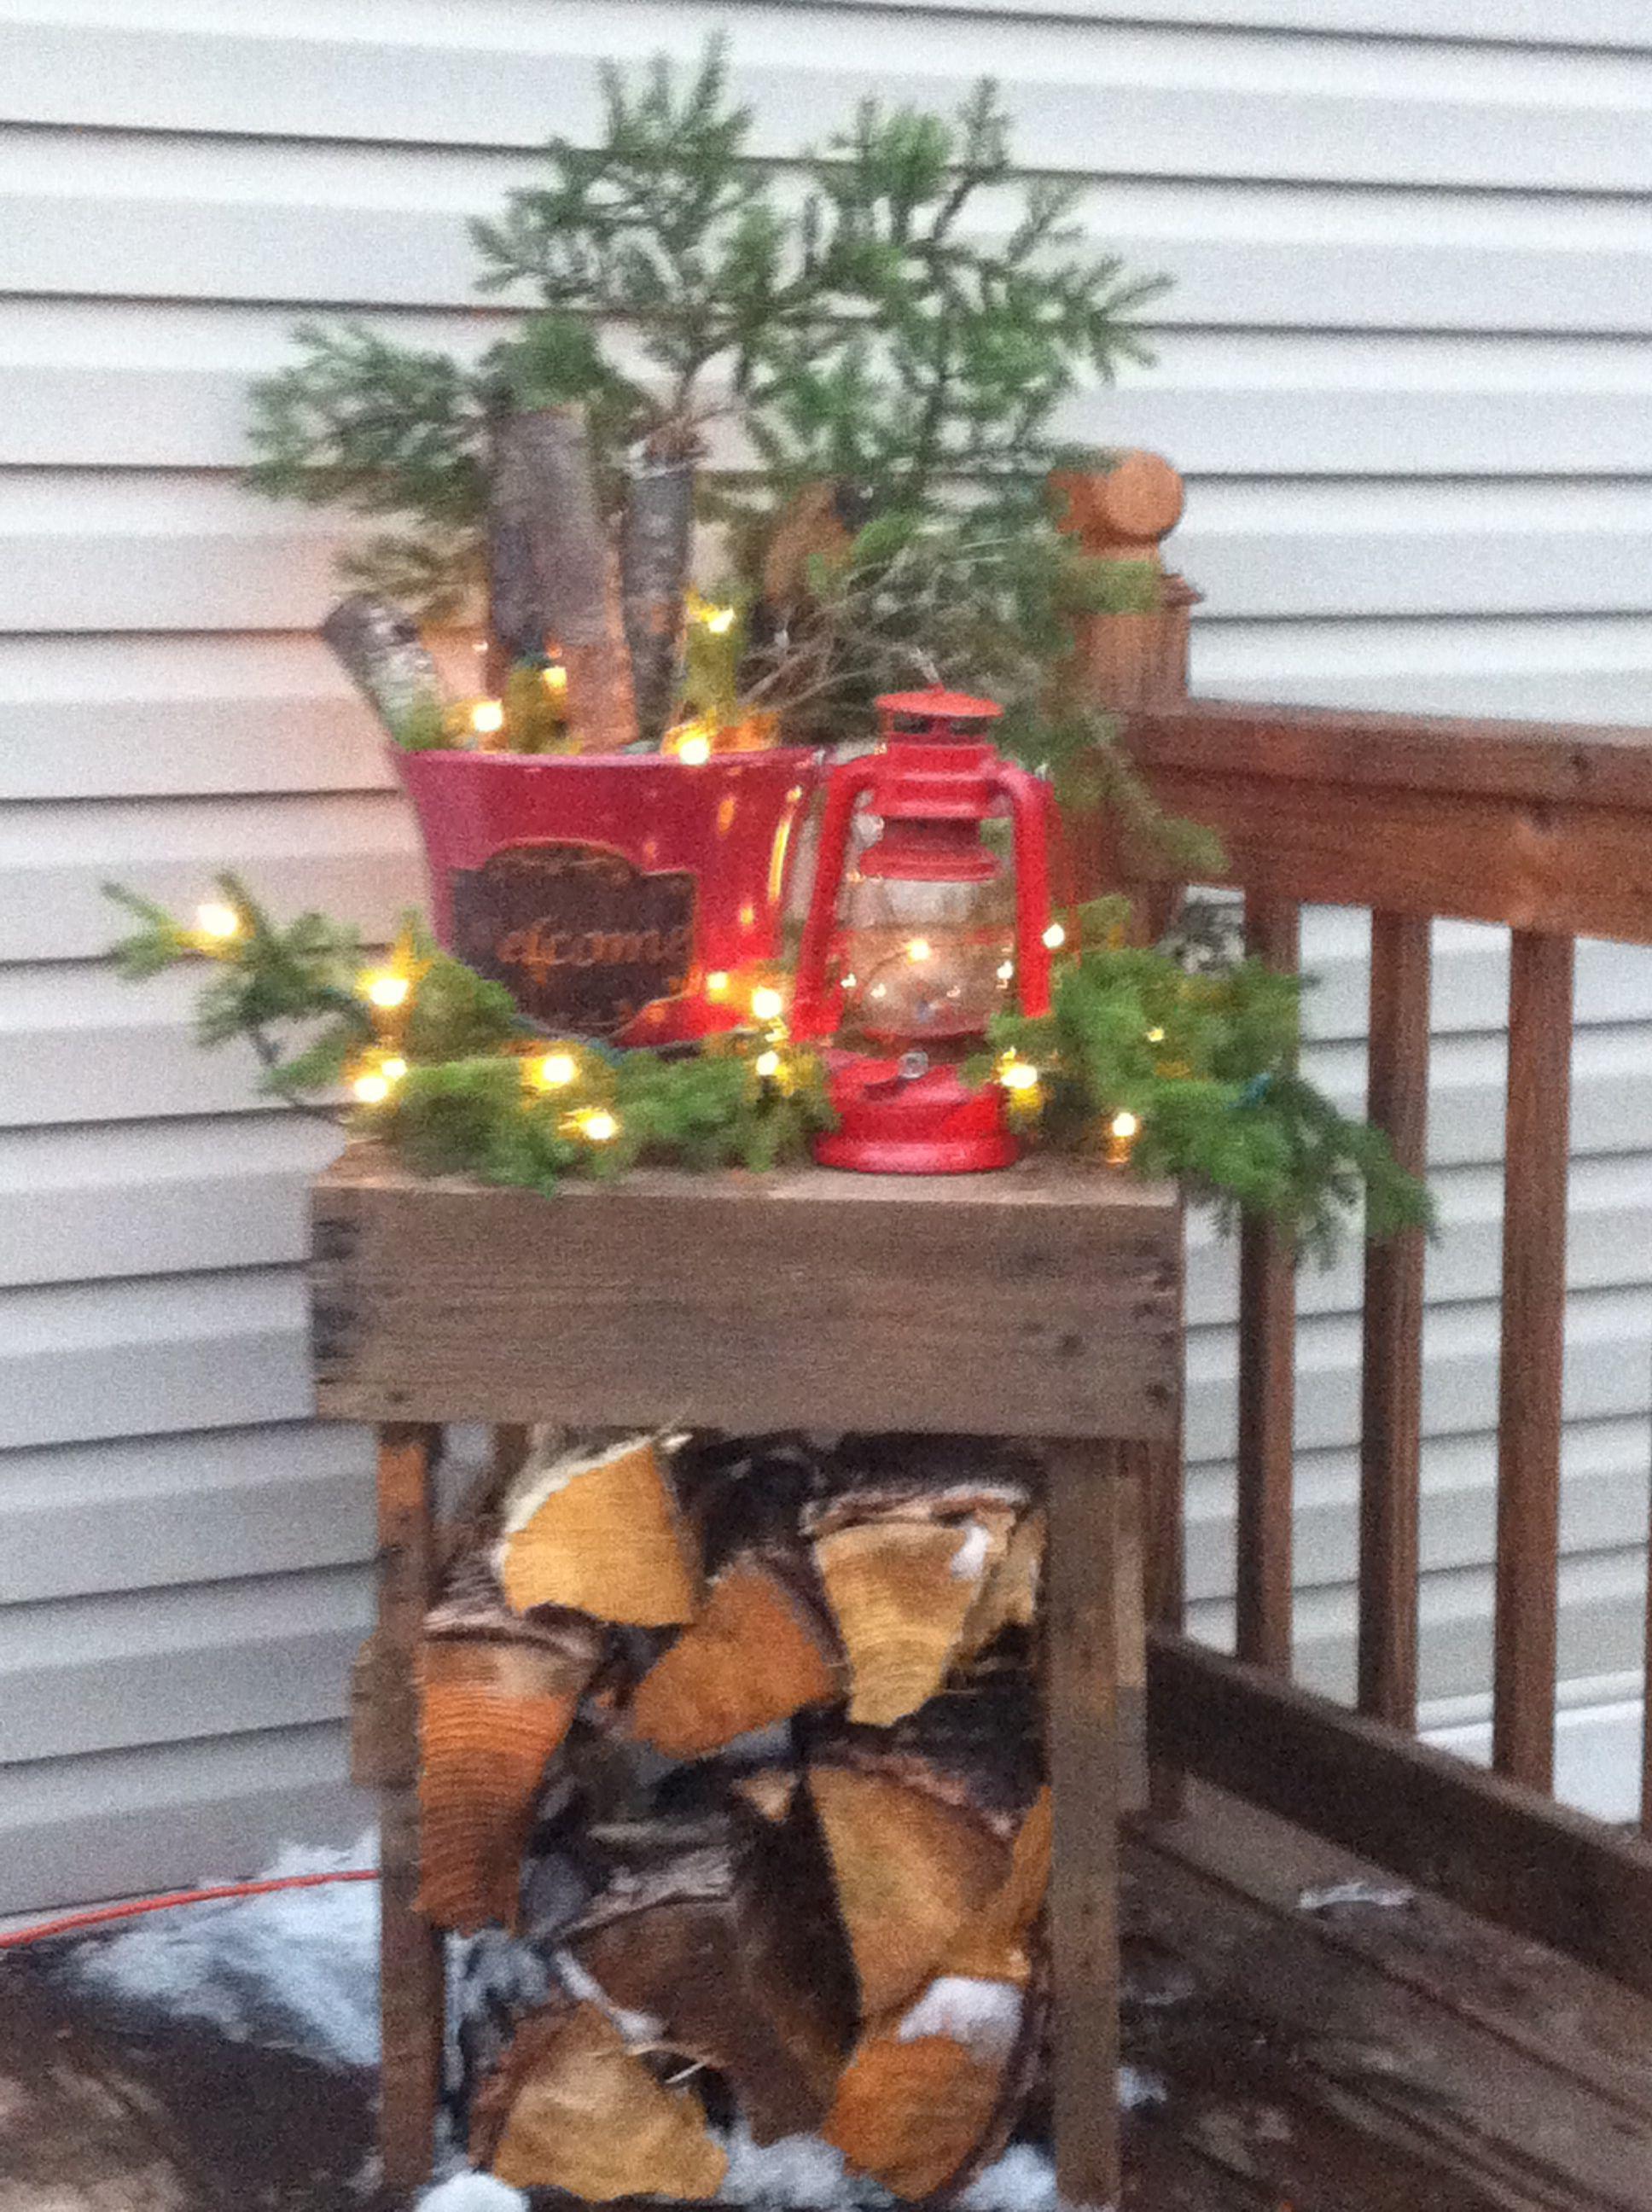 Primitive Front Porch Decorating Ideas Primitive Porch Pinterest Home Design Ideas Garden Crafts Country Porch Decor Christmas Porch Primitive Country Christmas